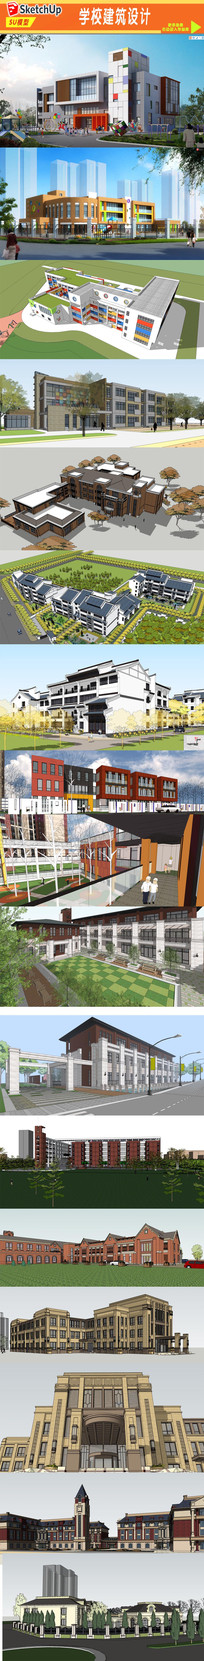 学校建筑设计模型效果图